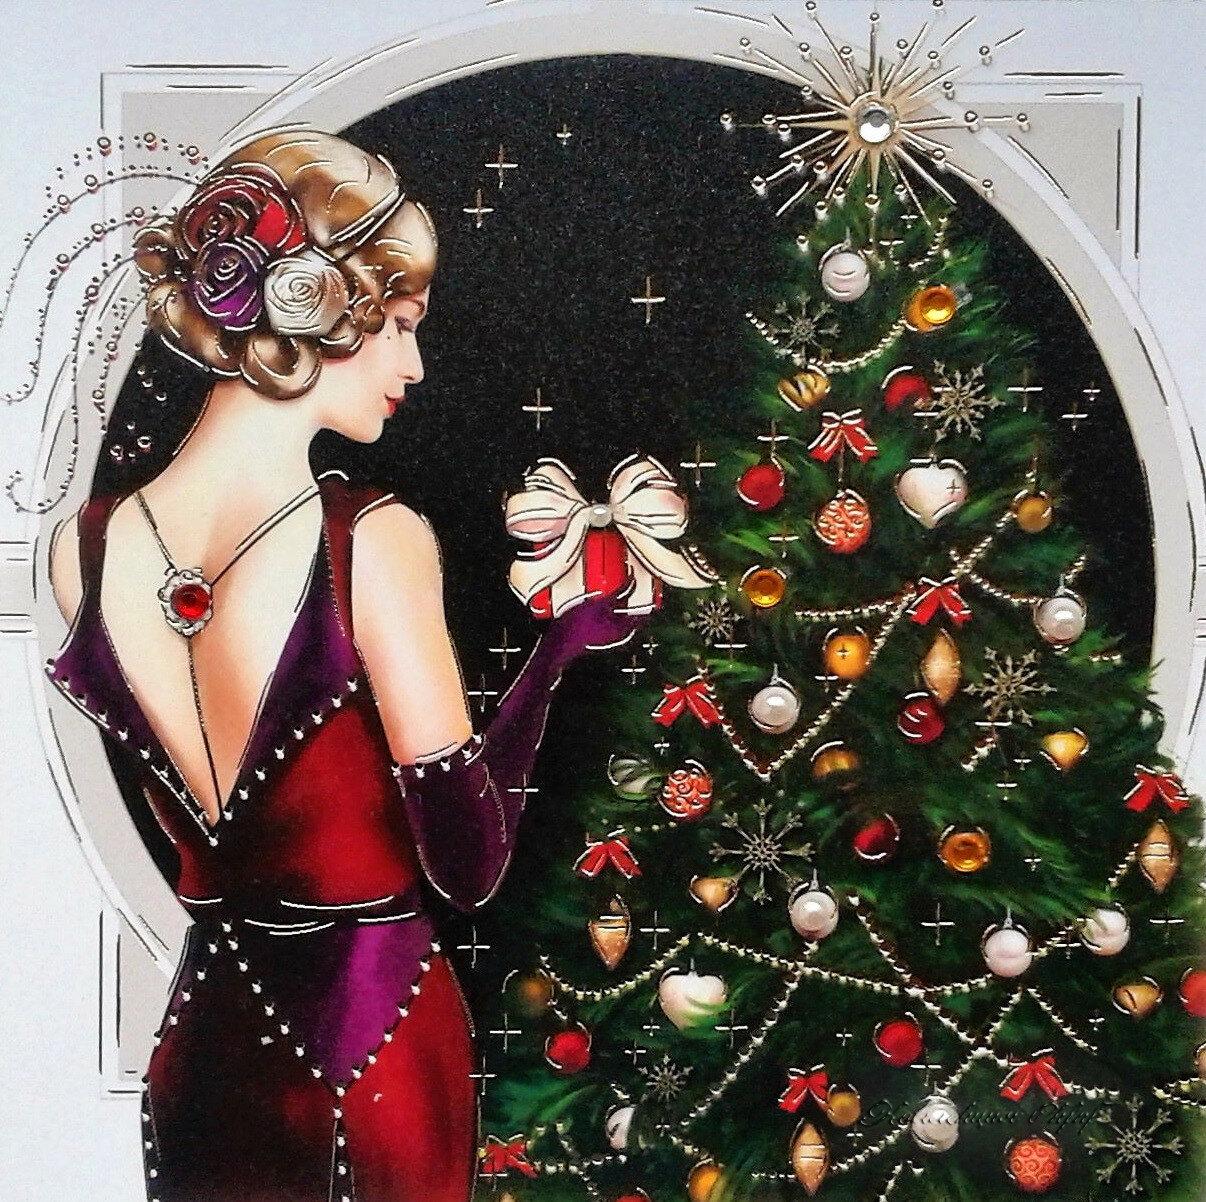 новогодние картинки и рождественские в ретро стиле особо продвинутых